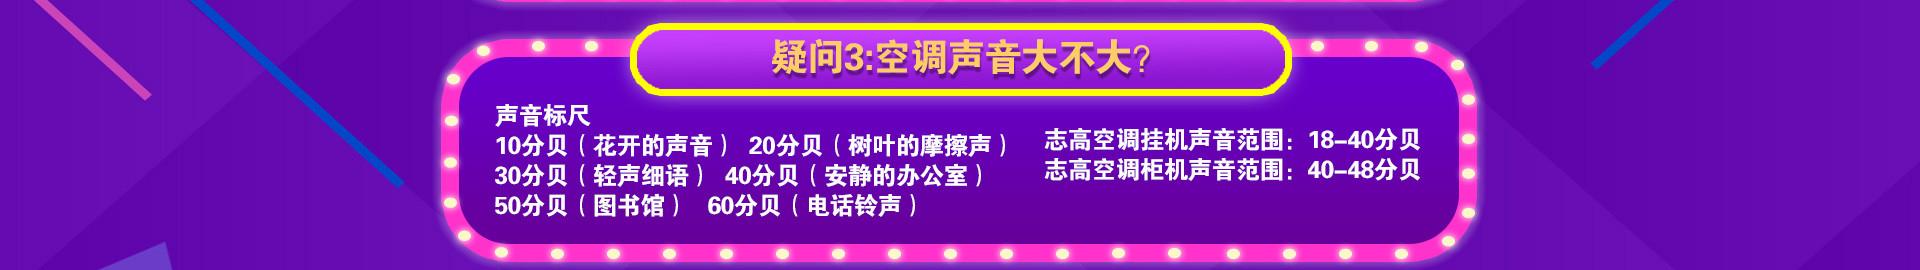 央视网中国-国内海底经管局联结培训战钻研中央9日正式投进运转_xvg是什么数字代币